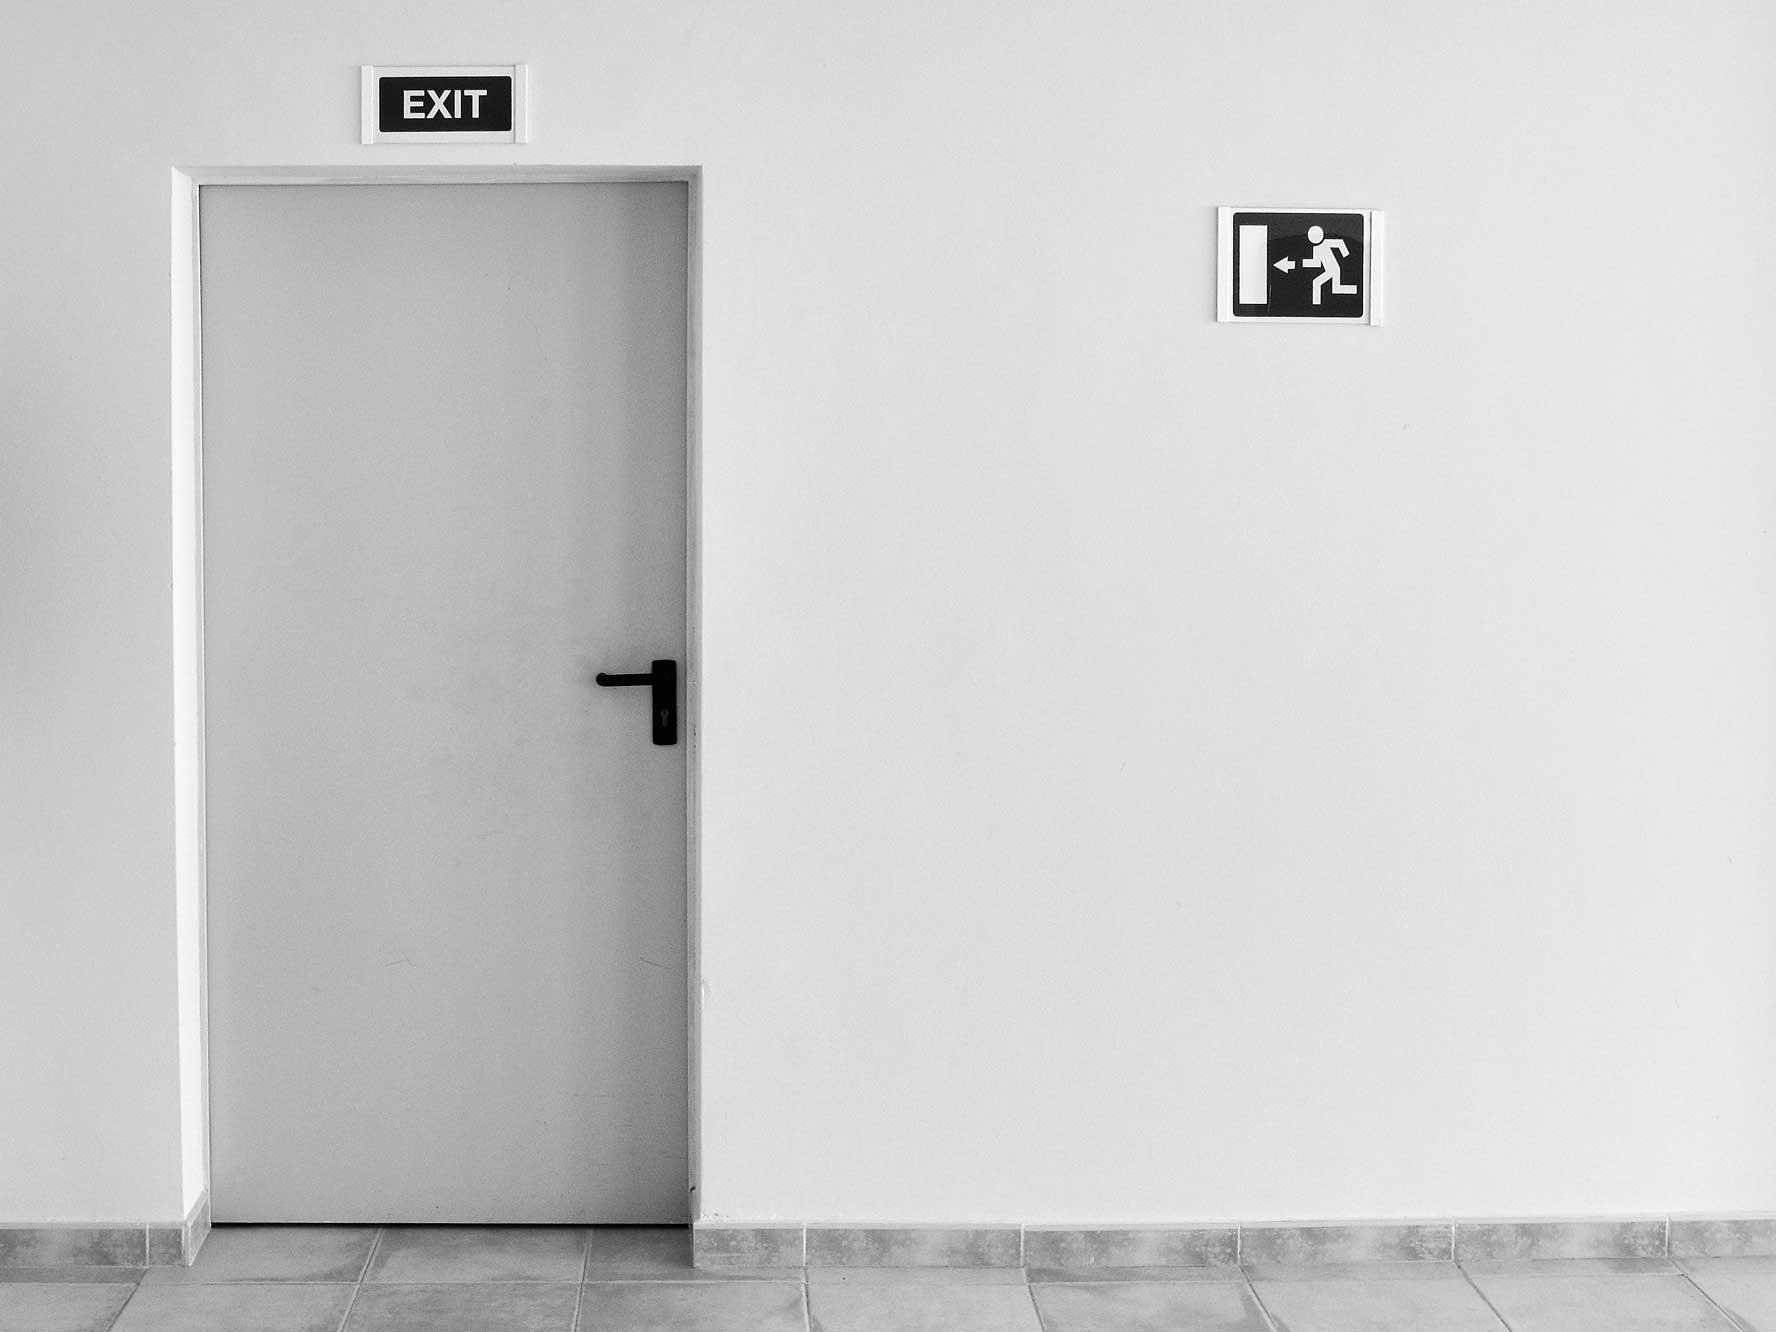 گزینههای محدود خروج از استارتاپ (Exit) برای سرمایه گذاران خطر پذیر و بنیان گذاران